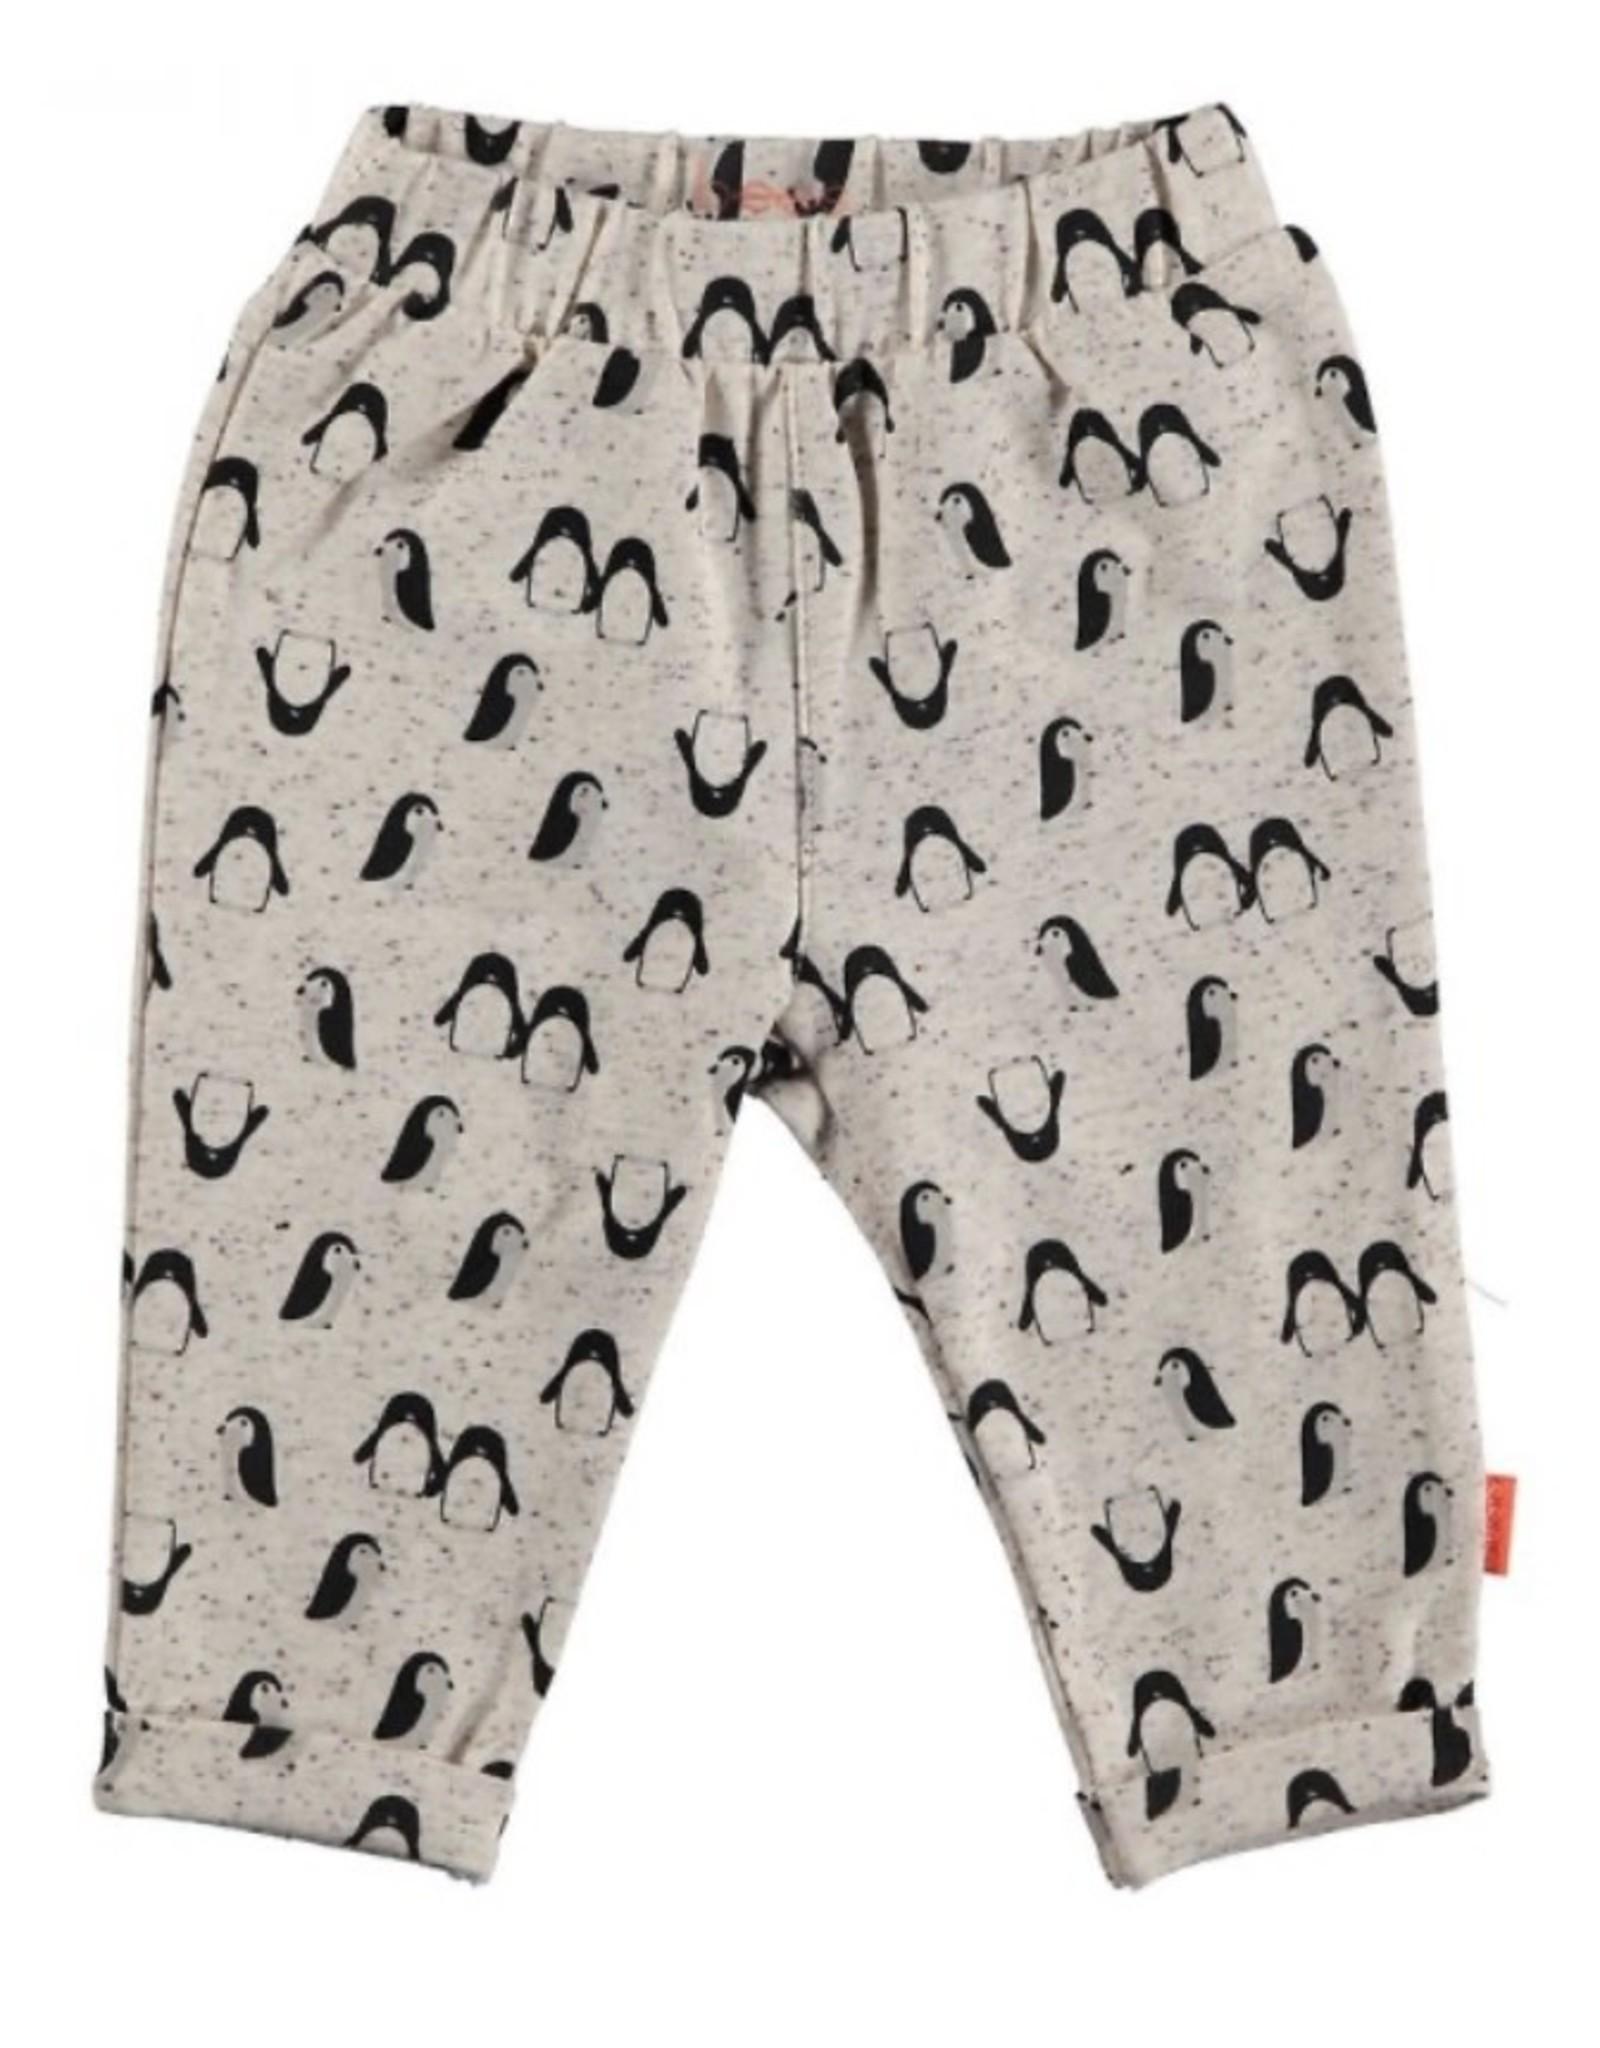 B*E*S*S 20280 Pants